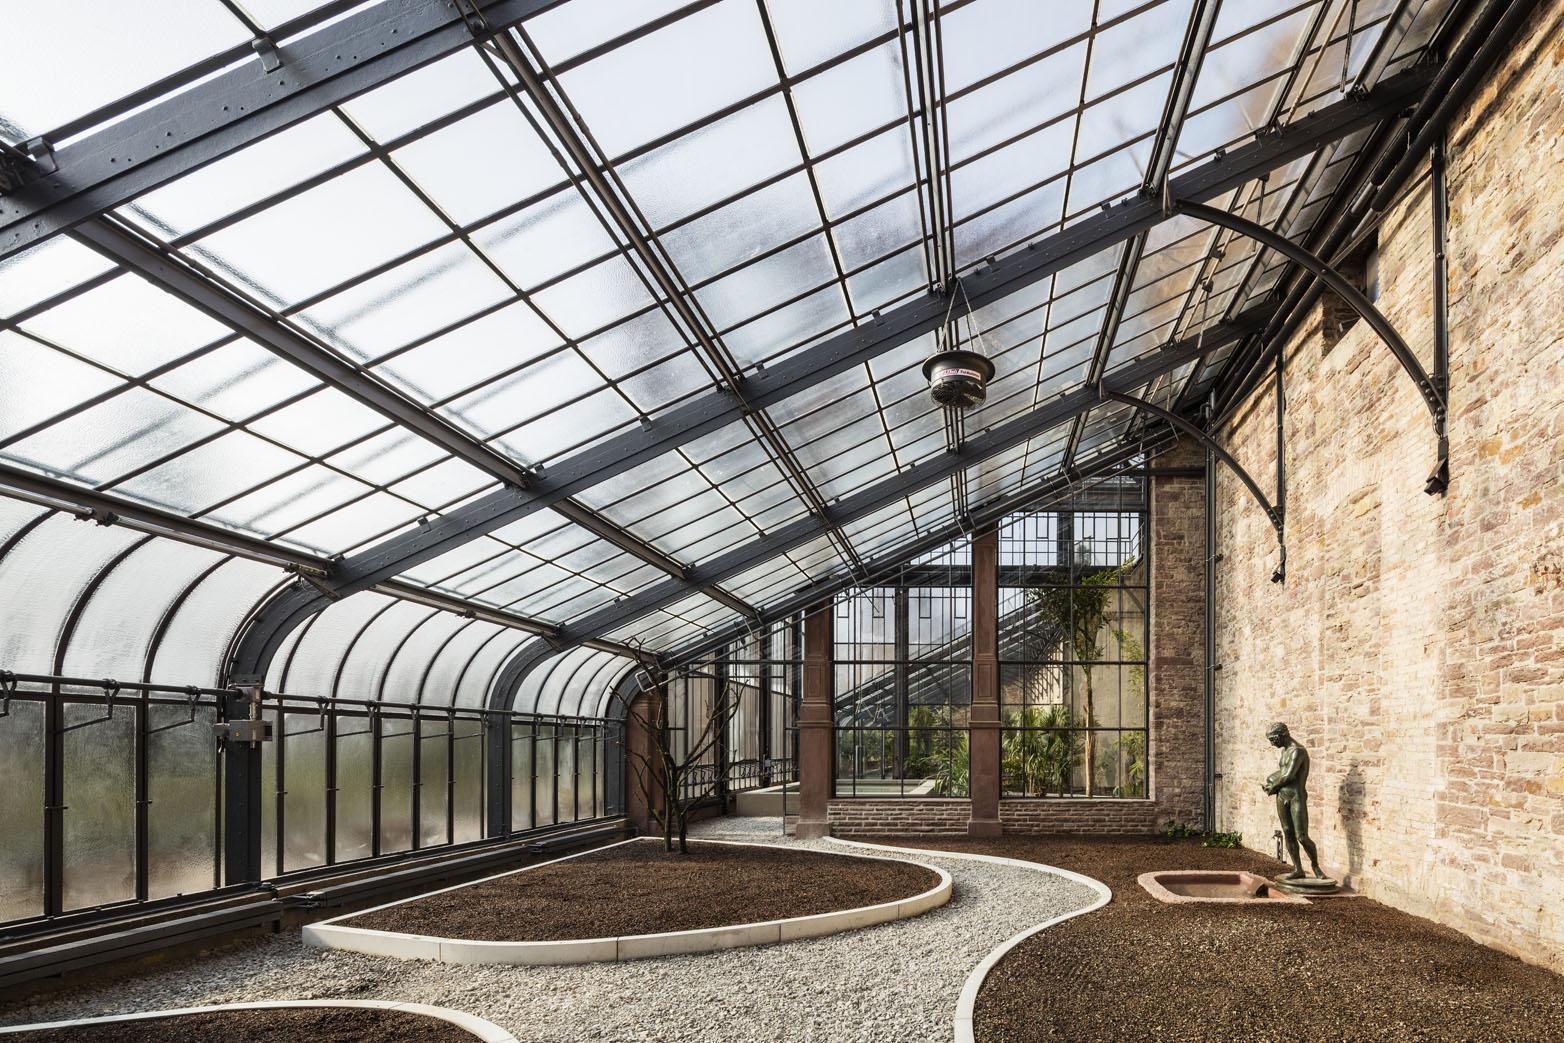 Botanischer Garten Karlsruhe, neues Schauhaus noch ohne Bepflanzung